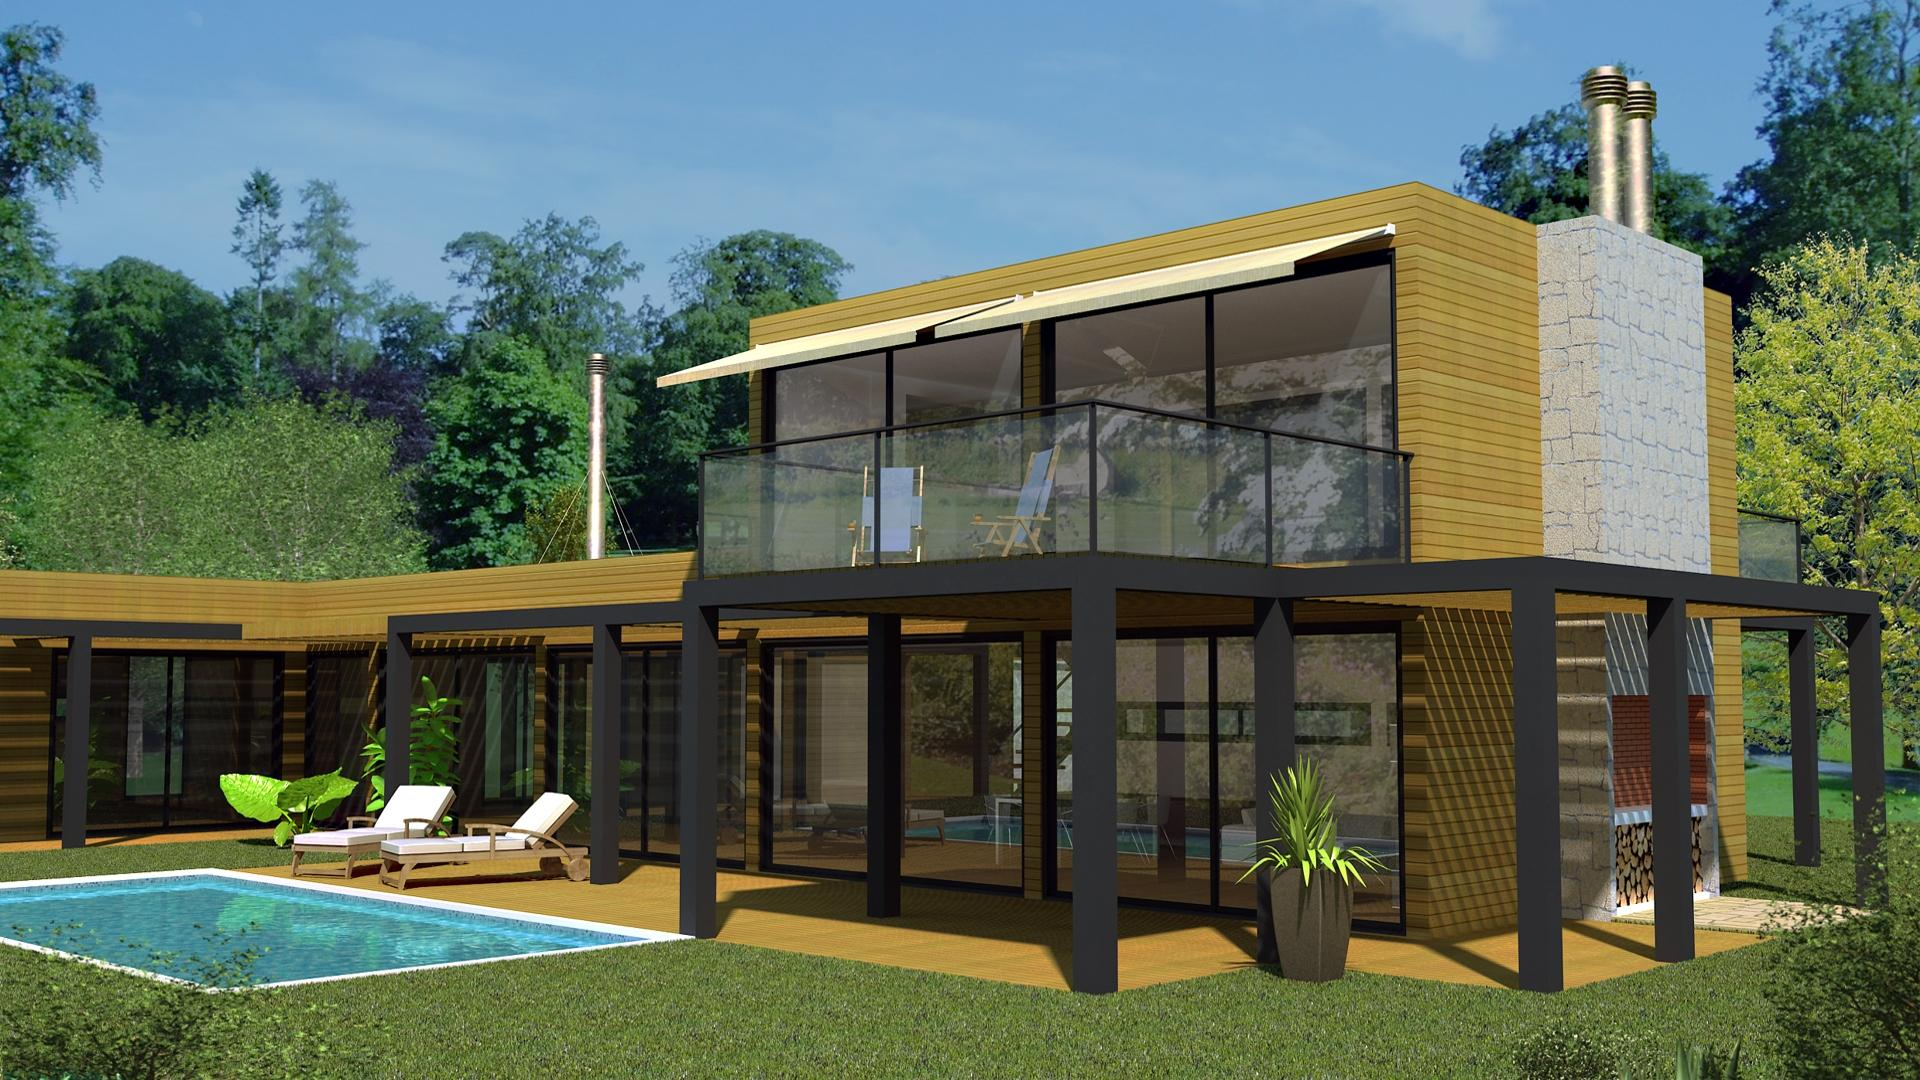 Projectos de arquitectura de casas modulares - Casas modulares home 3 ...